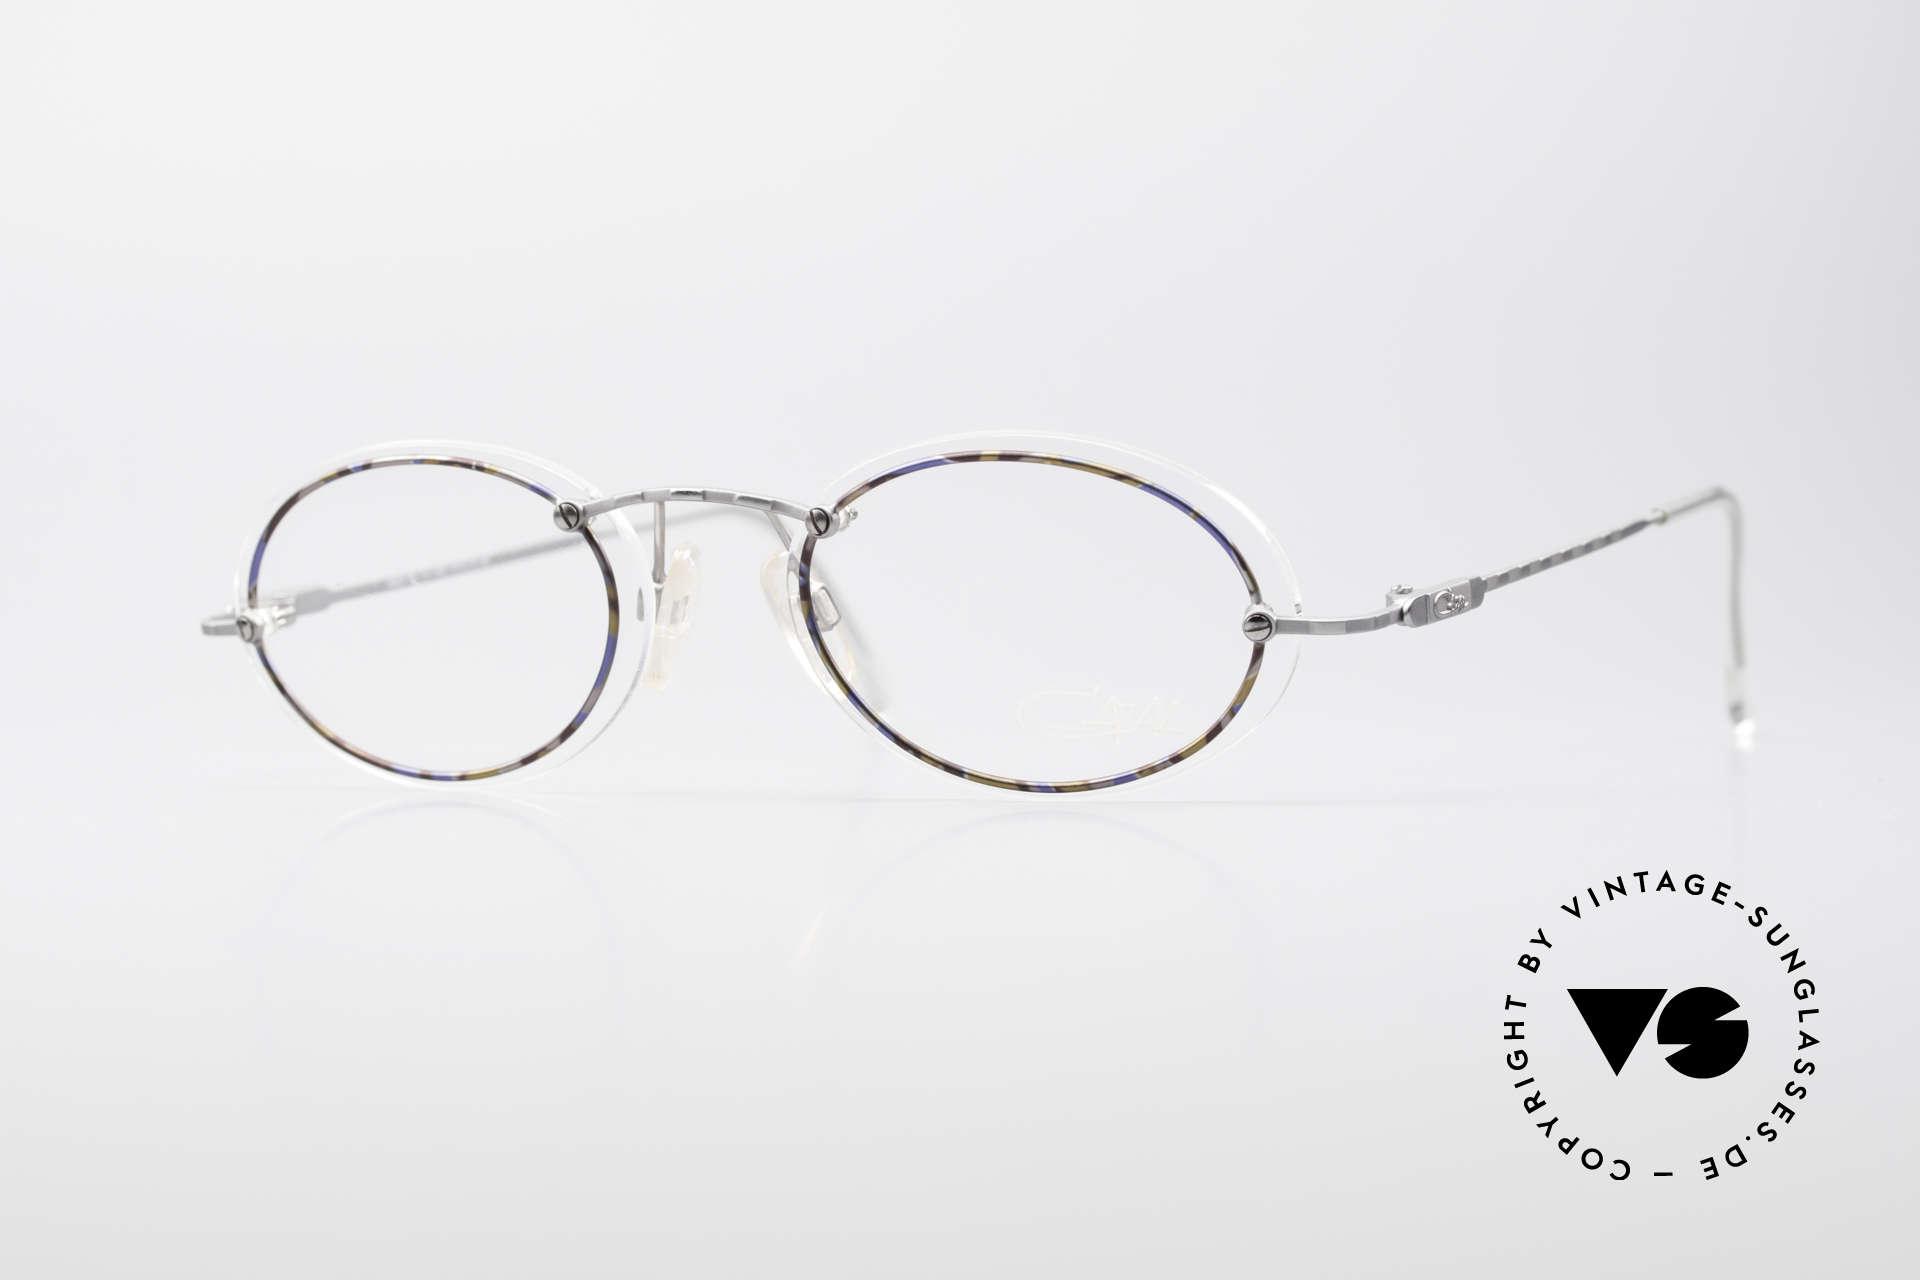 Cazal 770 Ovale Vintagebrille No Retro, filigrane Cazal vintage Brillenfassung von ca. 1998/99, Passend für Herren und Damen